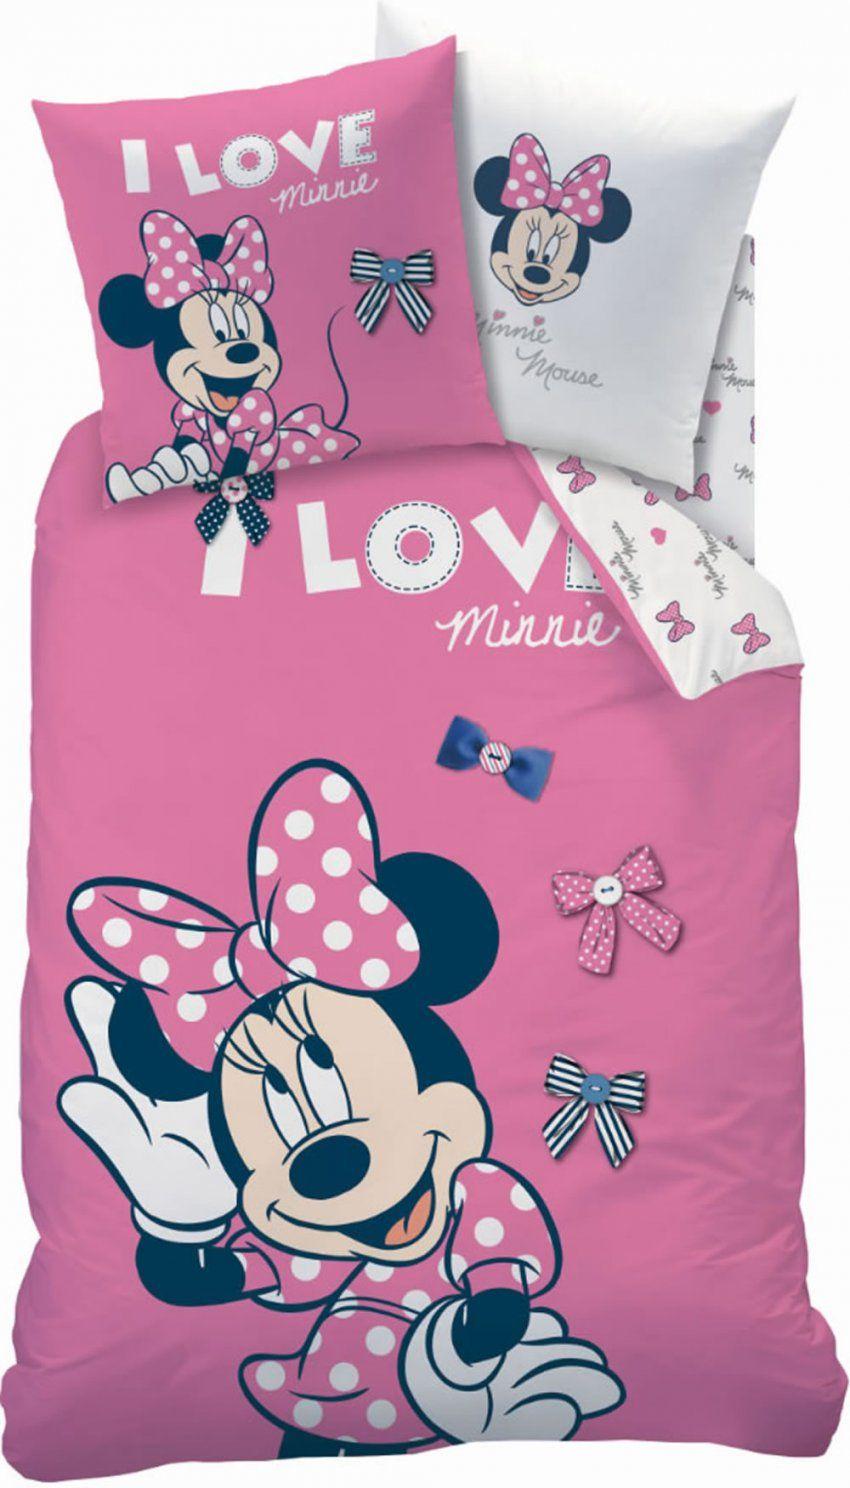 Disney Minnie Mouse Flanellbettwäsche Stylish Rose Bei Papiton von Minnie Mouse Bettwäsche Photo